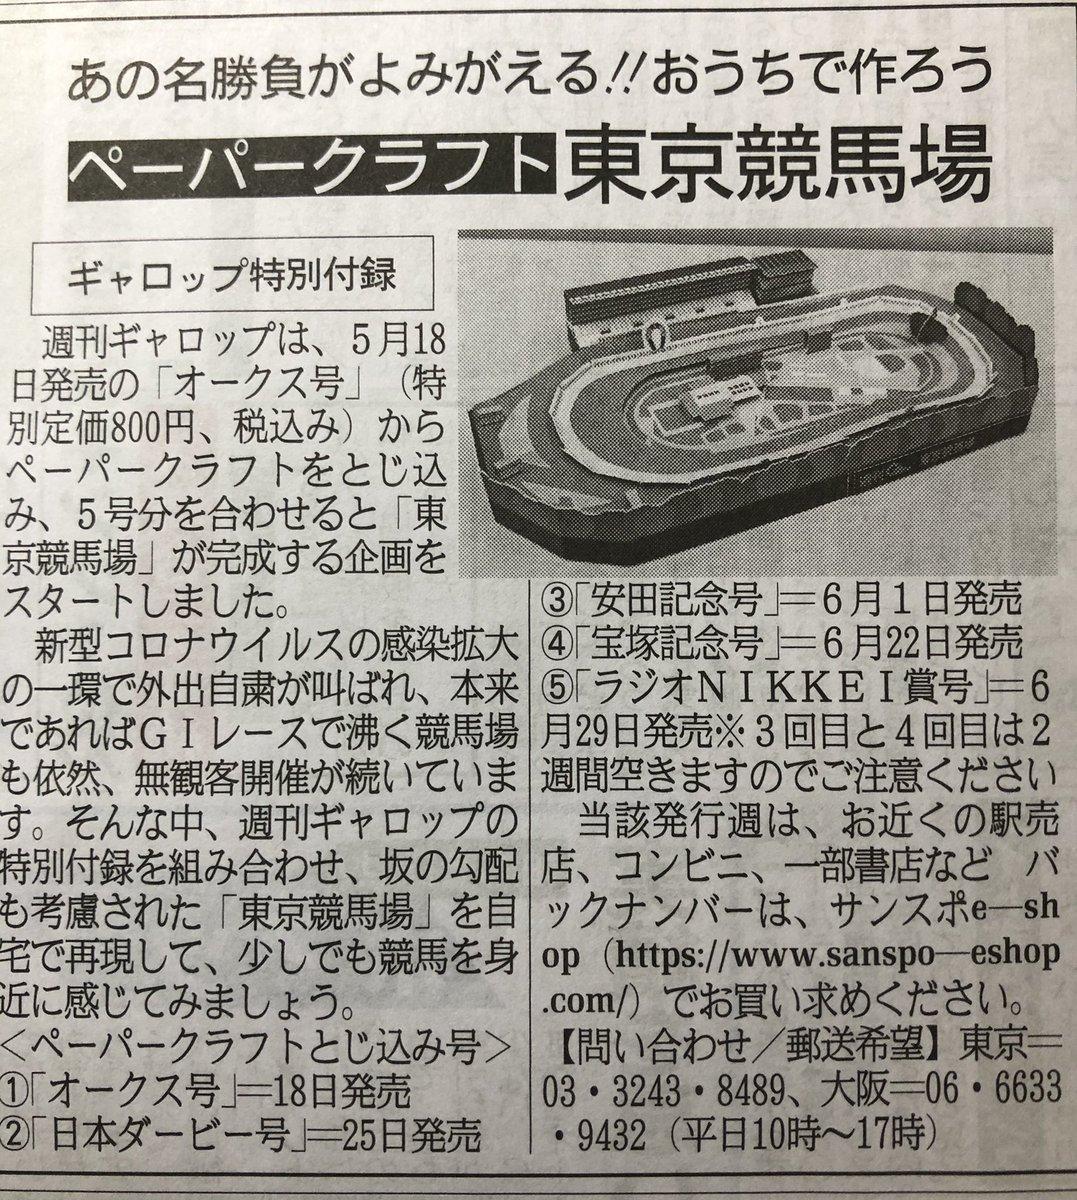 前の記事:【競馬】東京1Rデルマクリスタル畑端省吾、印グリグリで1番人